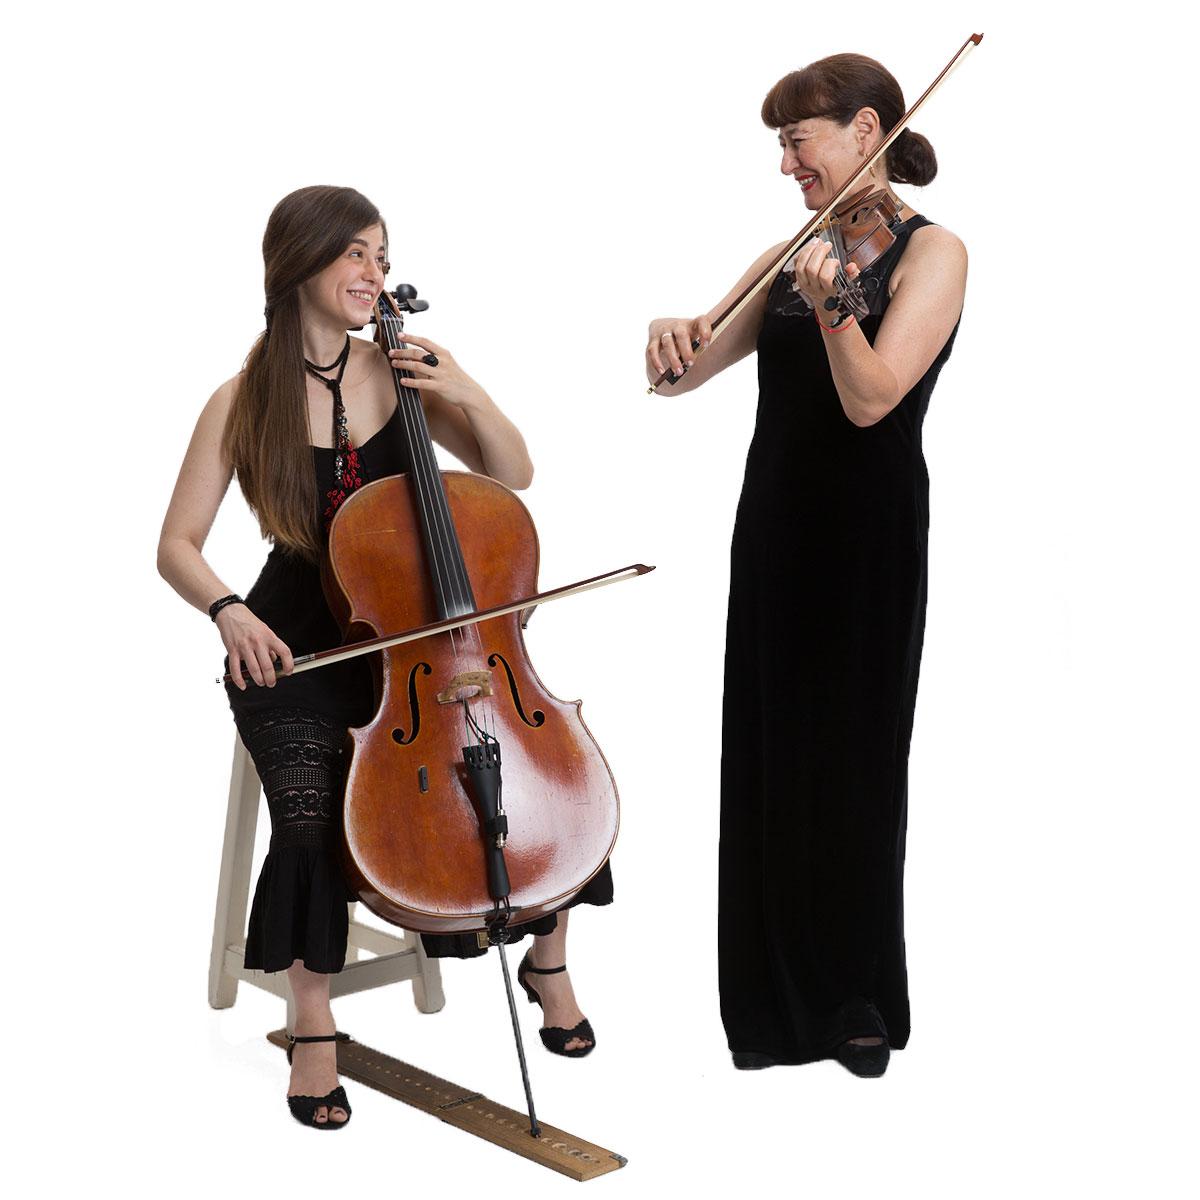 לודמילה גולד (כינור) ואלכסנדרה מרקו (צ'לו)